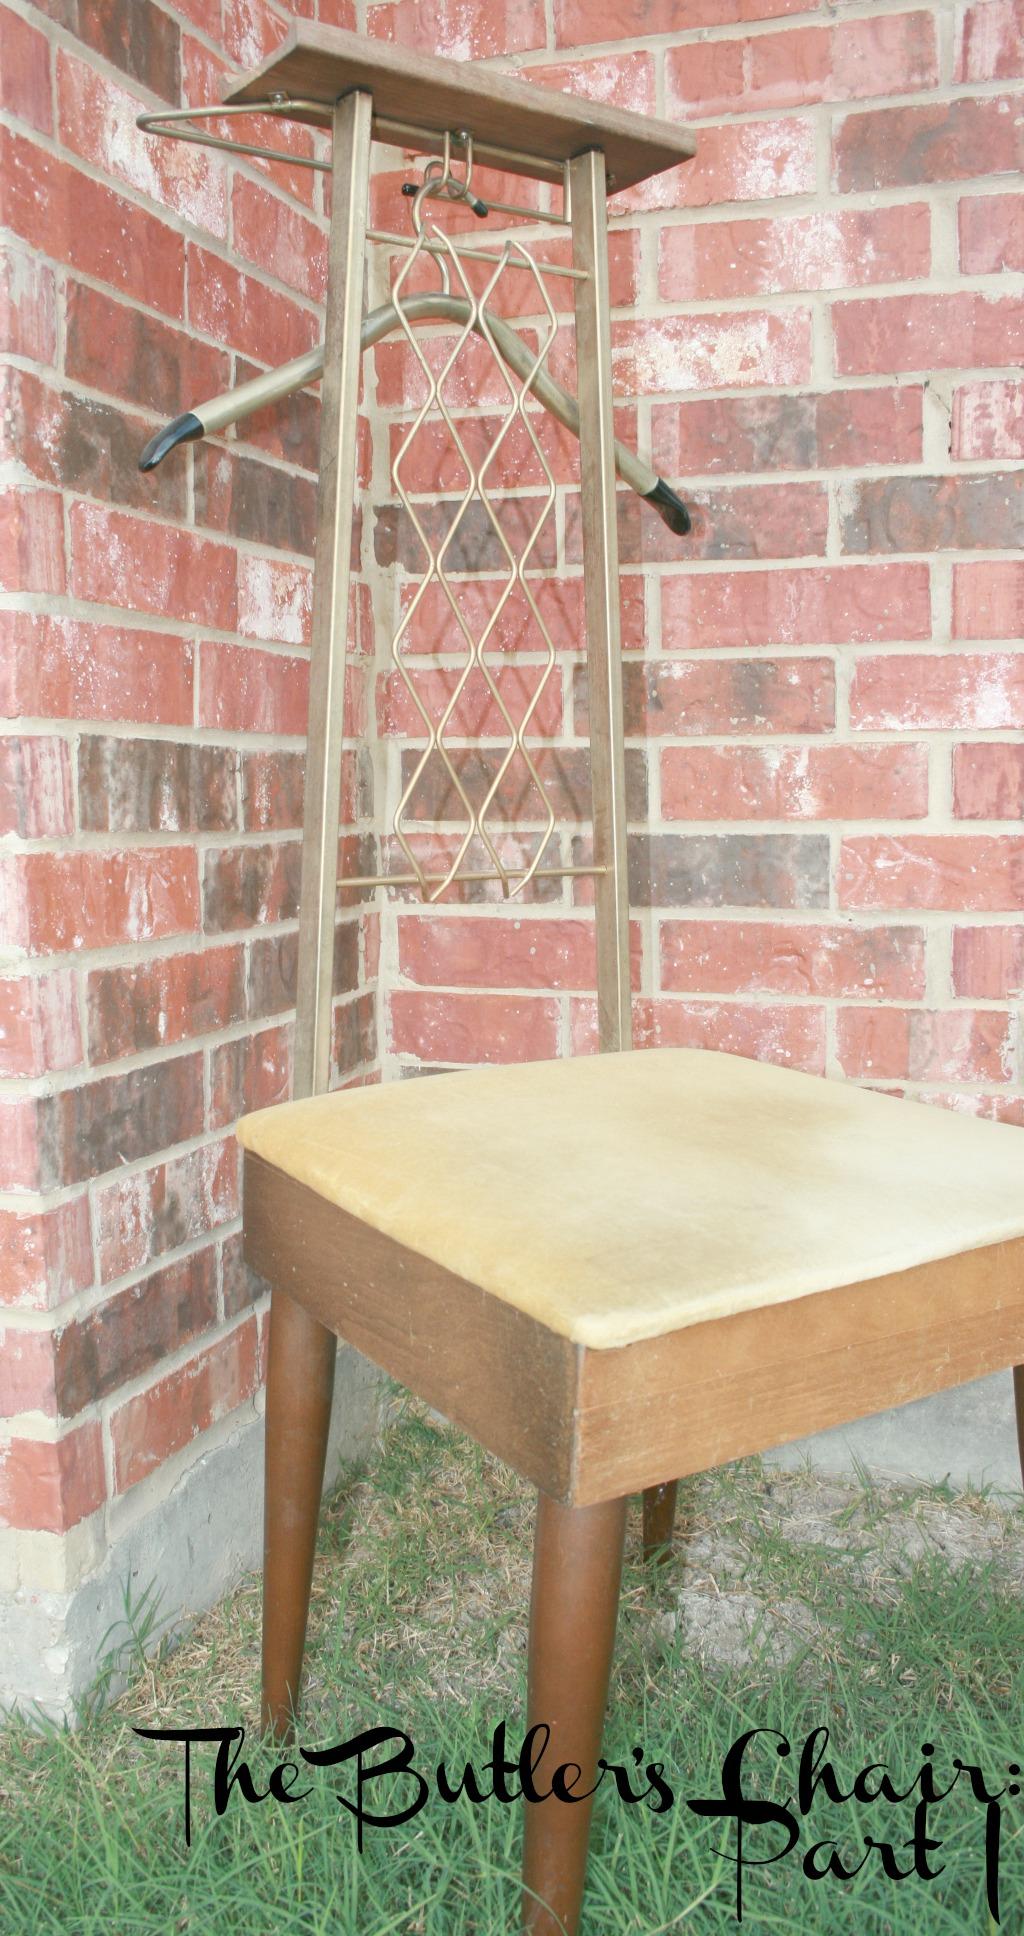 Butleru0027s Chair